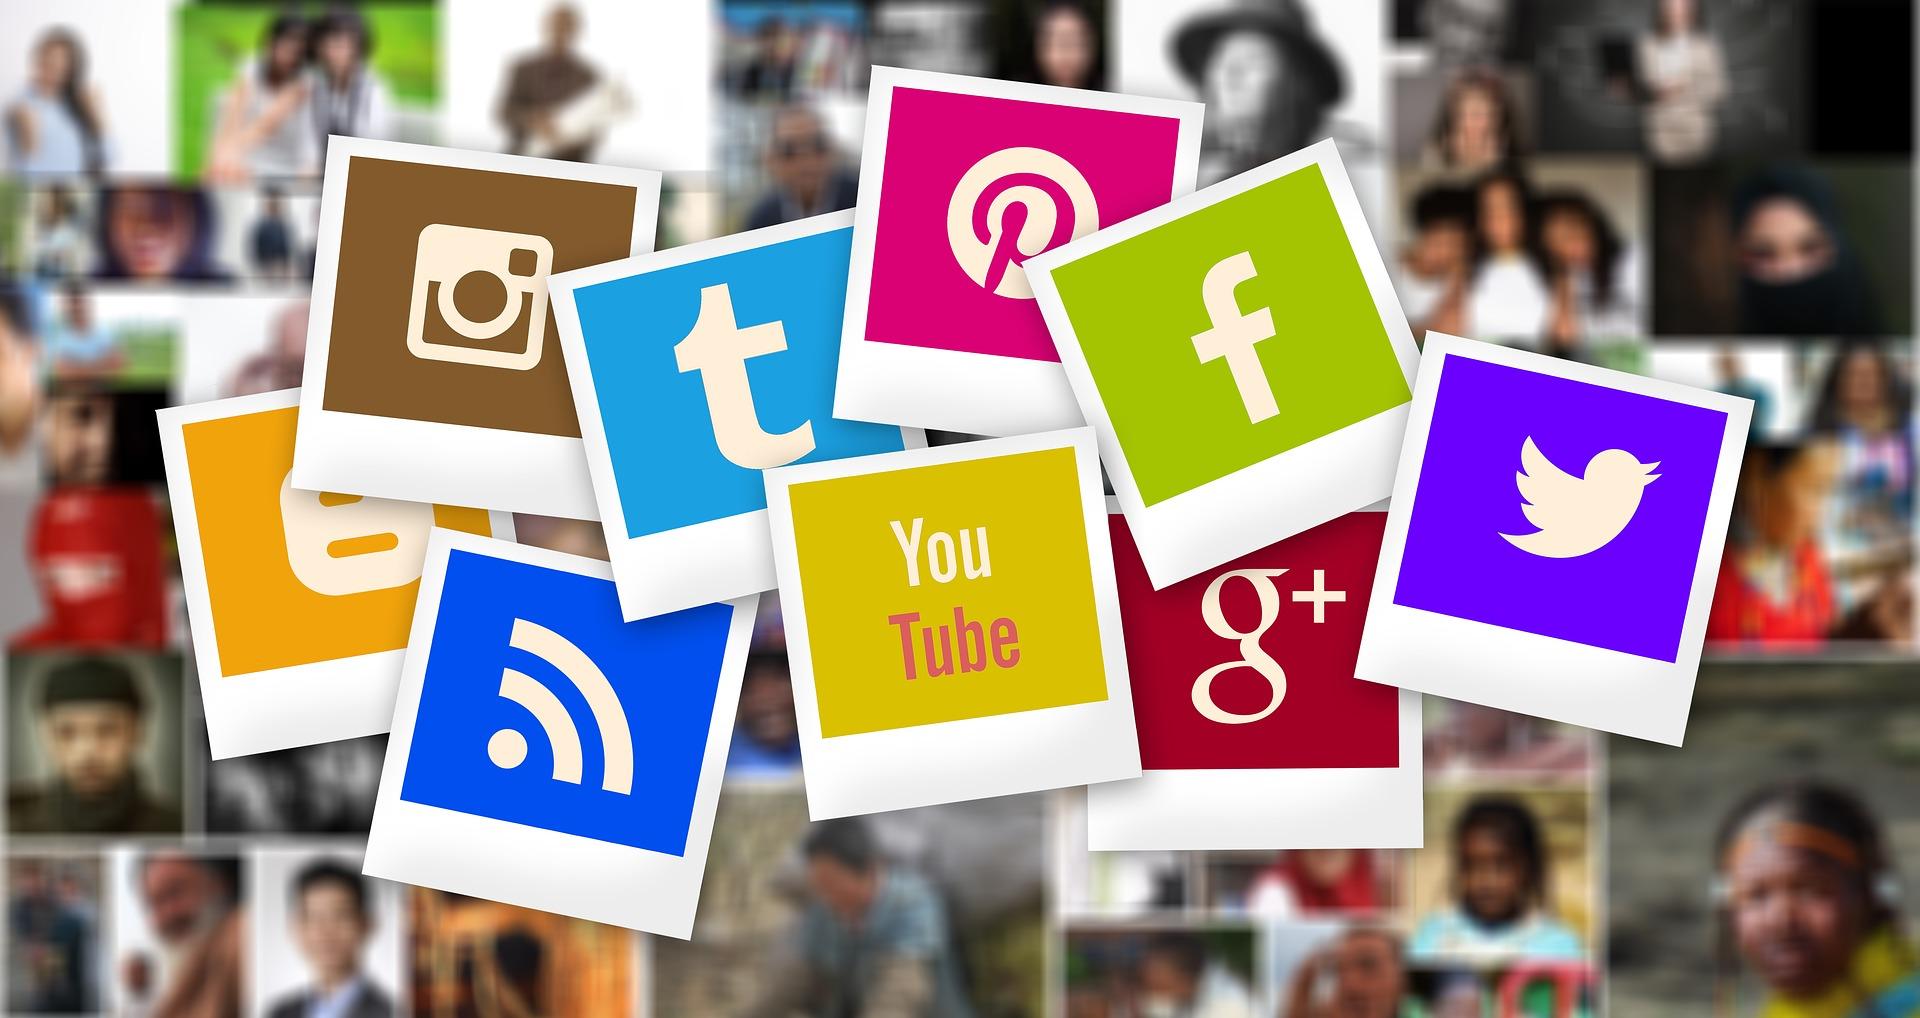 Jaké budou trendy sociálních sítí v roce 2020?